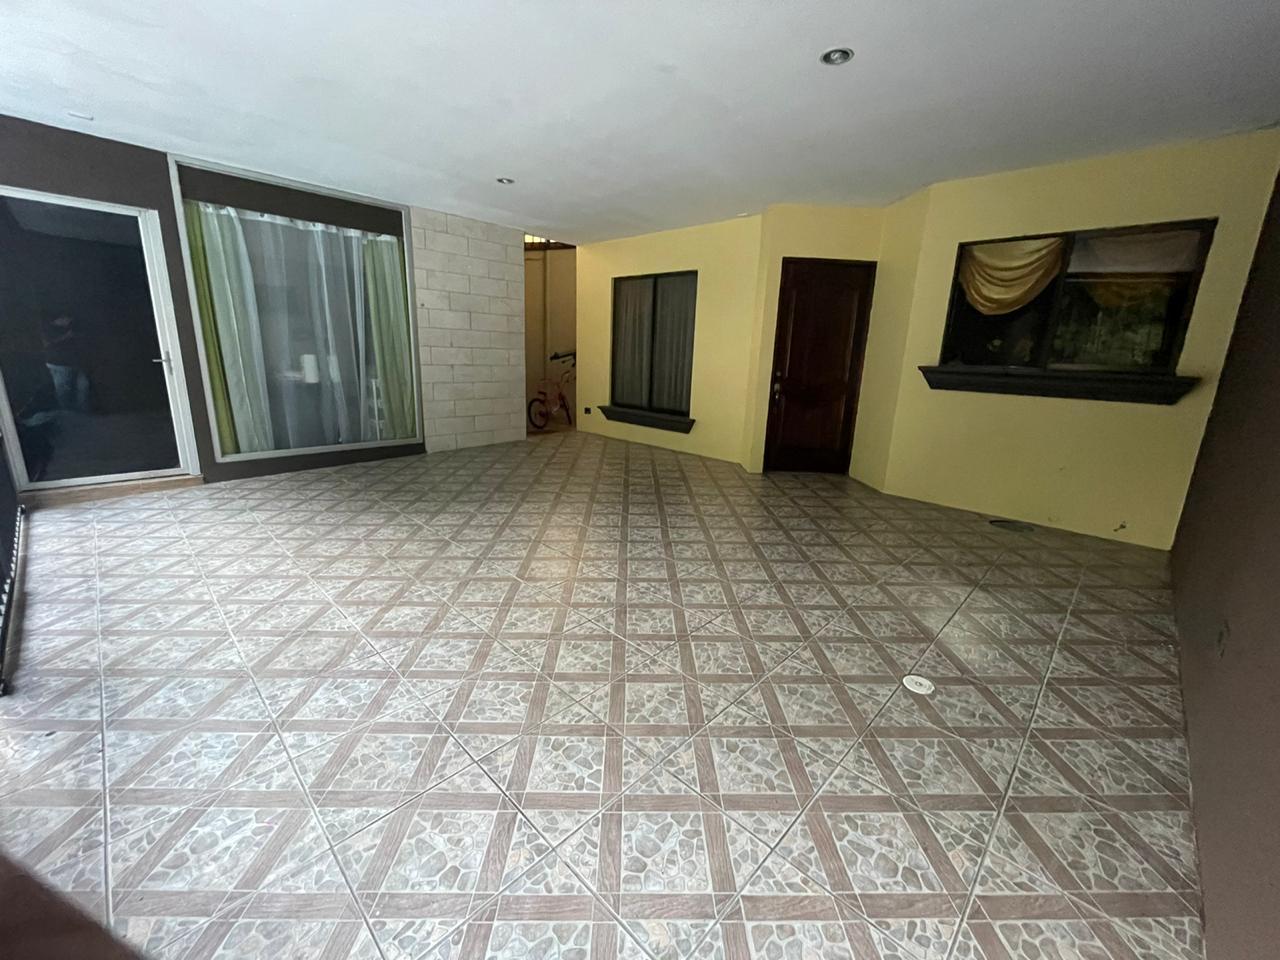 Venta de casa con local comercial, San Isidro de Alajuela, 156 m2, ?61.000.000=